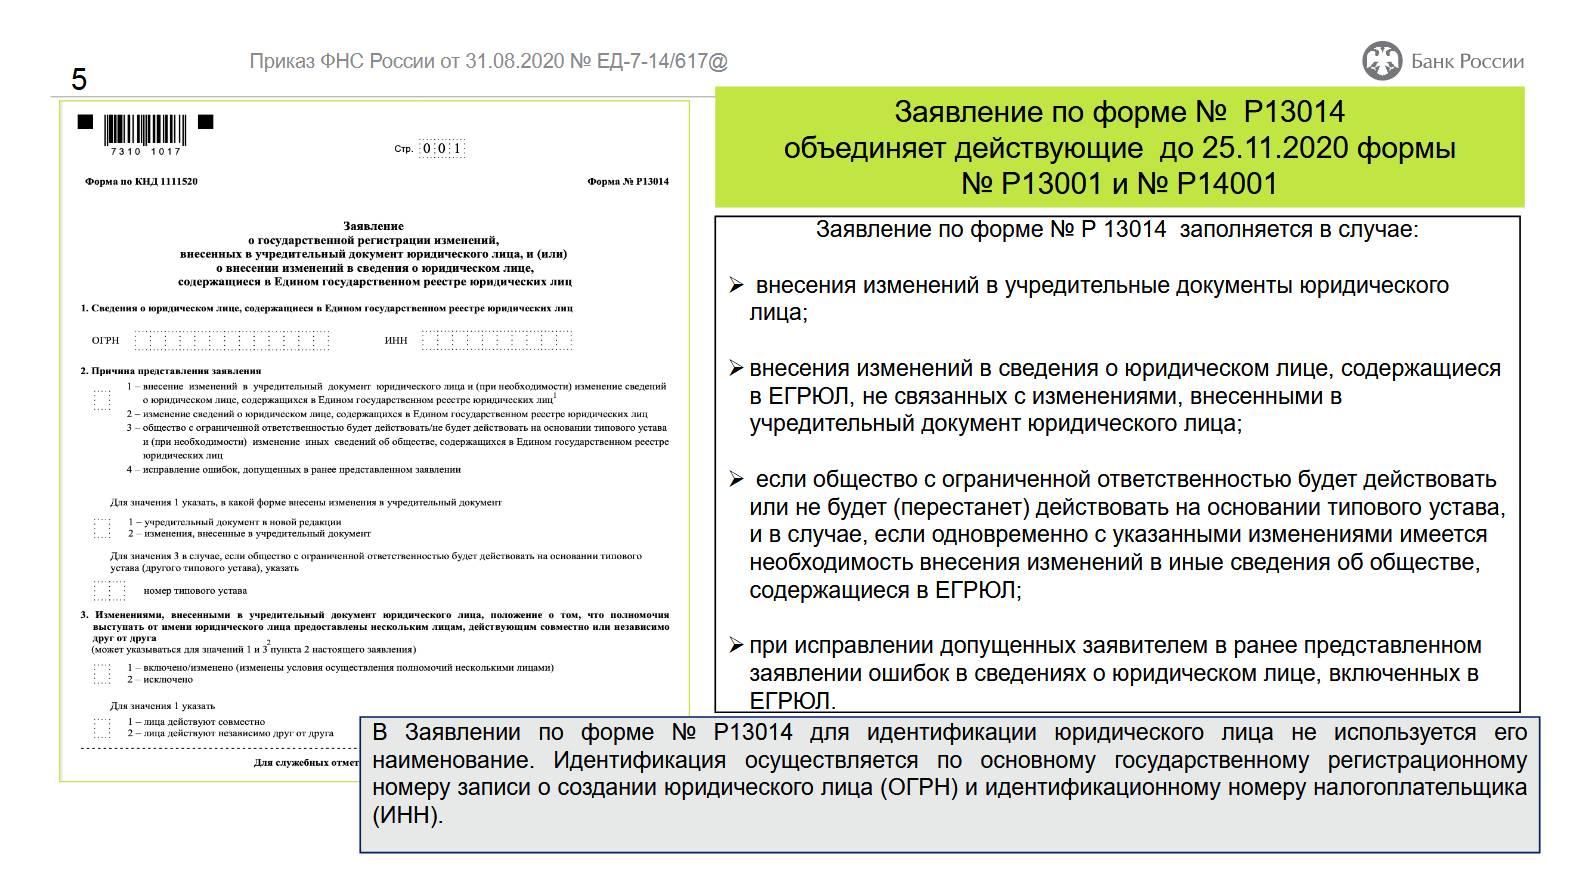 Банки и НПФ должны заполнять документы по новой форме